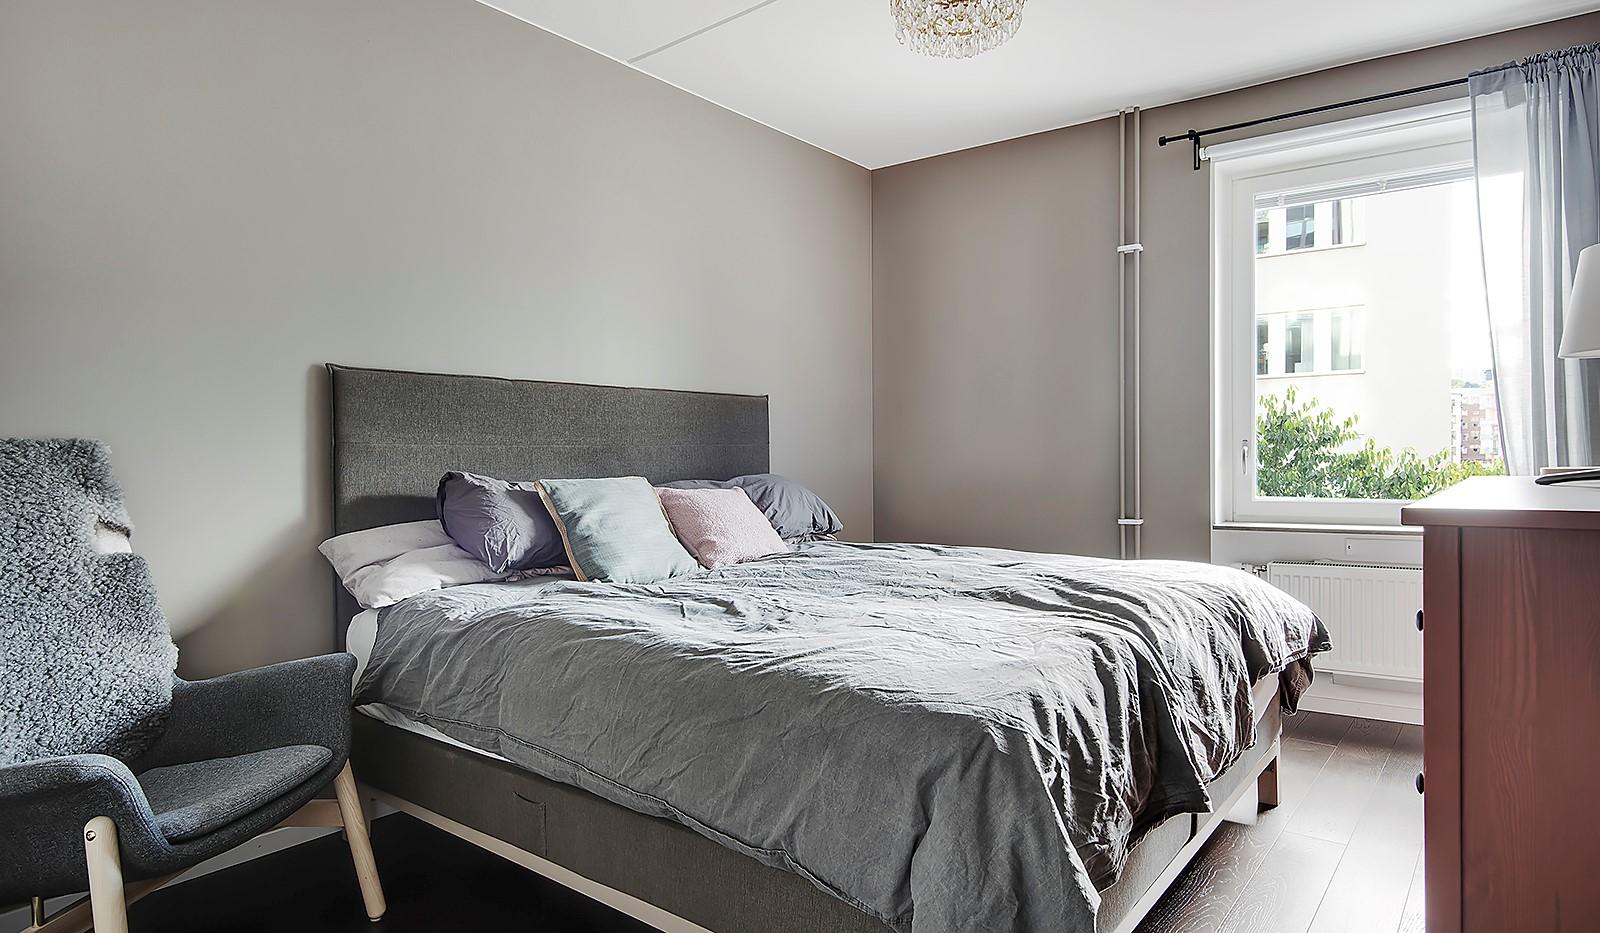 Oskarslundsbacken 1, 2tr - Master bedroom